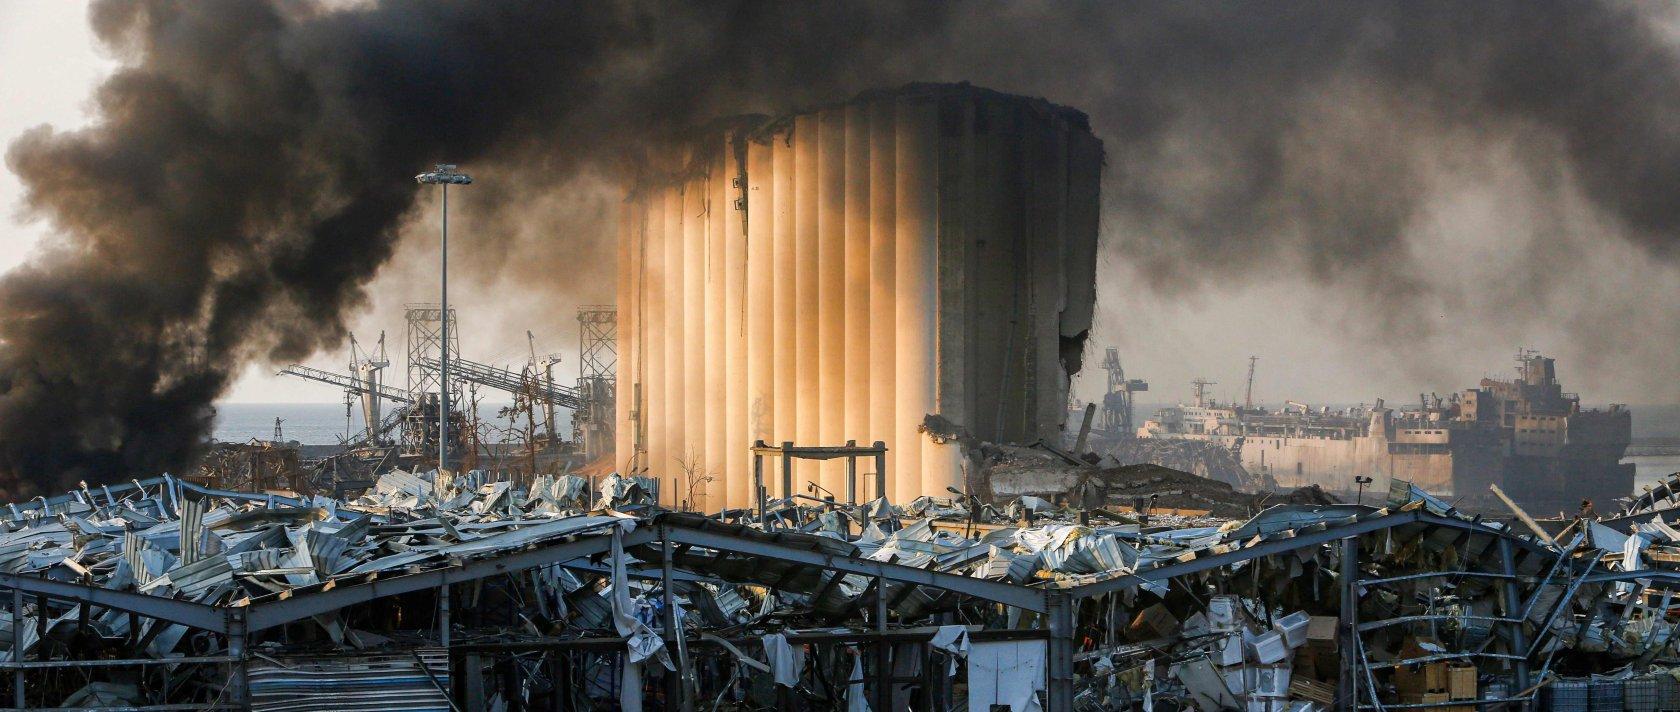 Ein zerstörtes Silo am Ort der Explosion, die am 4. August 2020 die libanesische Hauptstadt Beirut erschütterte. (AFP Photo)